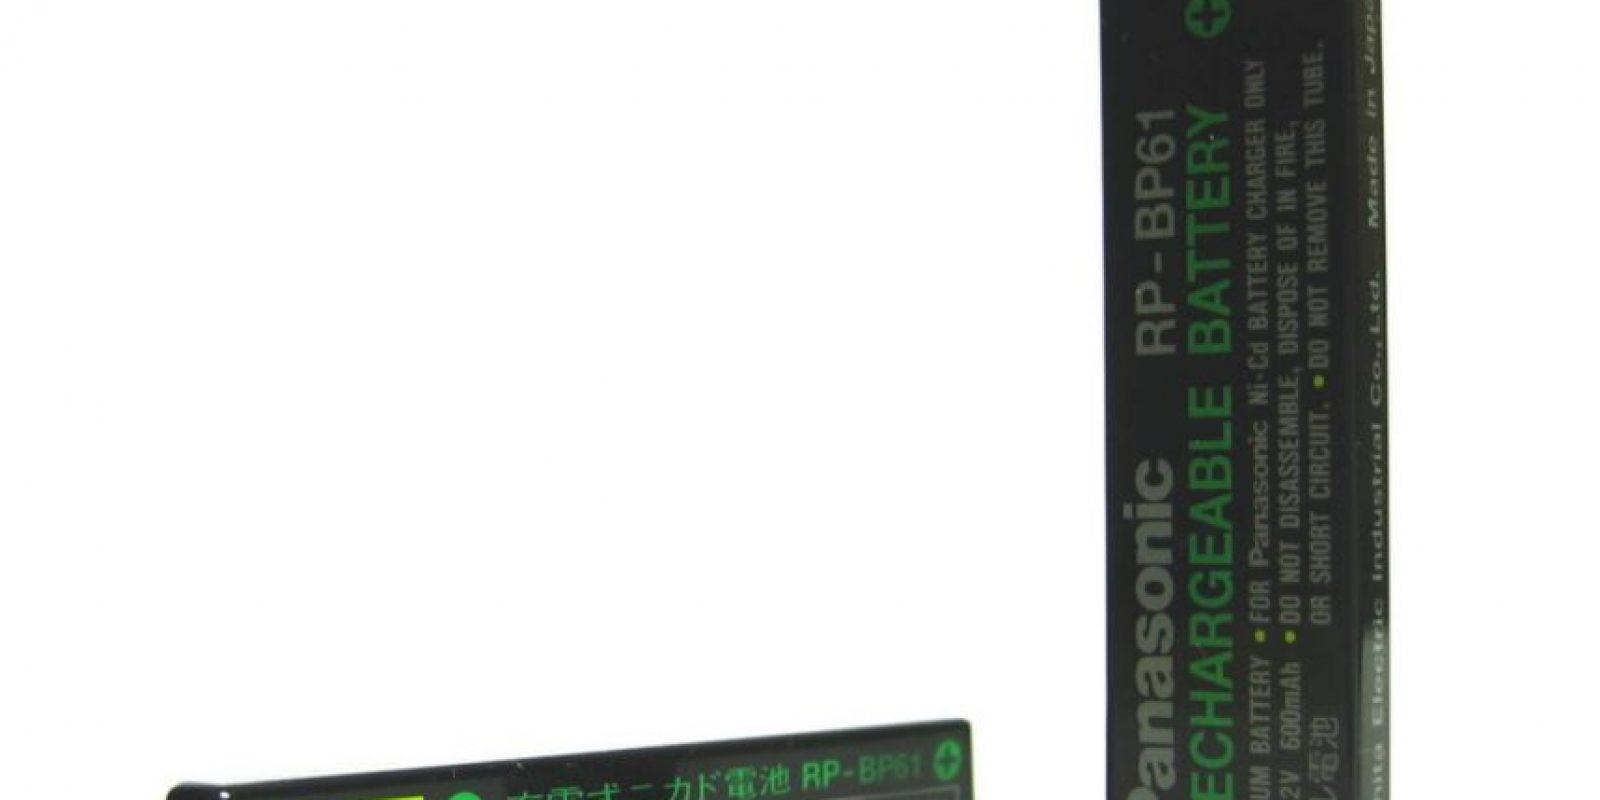 4.- Personalicen la configuración conexión Wi-Fi, aplicaciones y actualizaciones. Por ejemplo, desconectarse por lapsos de tiempo de la red, desactivar actualizaciones automáticas y desactivar a Siri podrían ahorrar batería Foto:Wikicommons